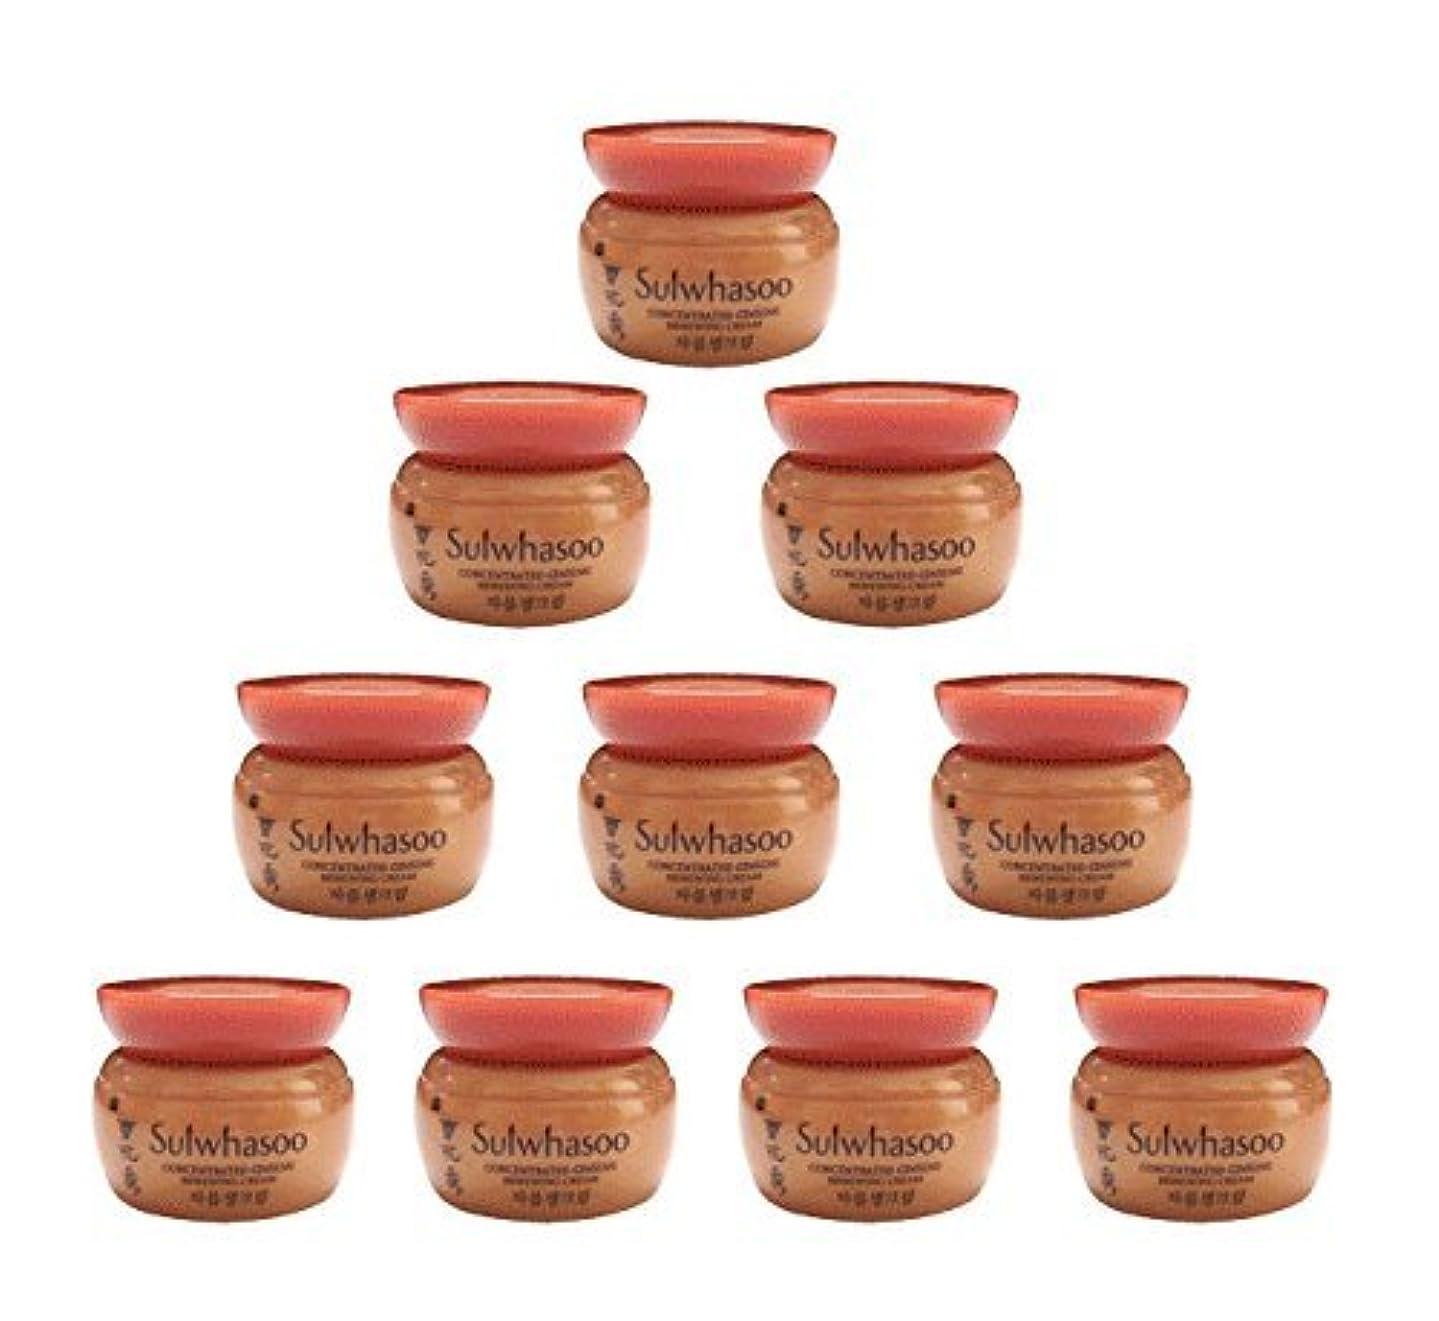 虚弱アナウンサー主人【ソルファス 雪花秀 Sulwhasoo】 Concentrated Ginseng Renewing Cream(50ml) 5ml x 10個 韓国化粧品 ブランドのサンプル [並行輸入品]